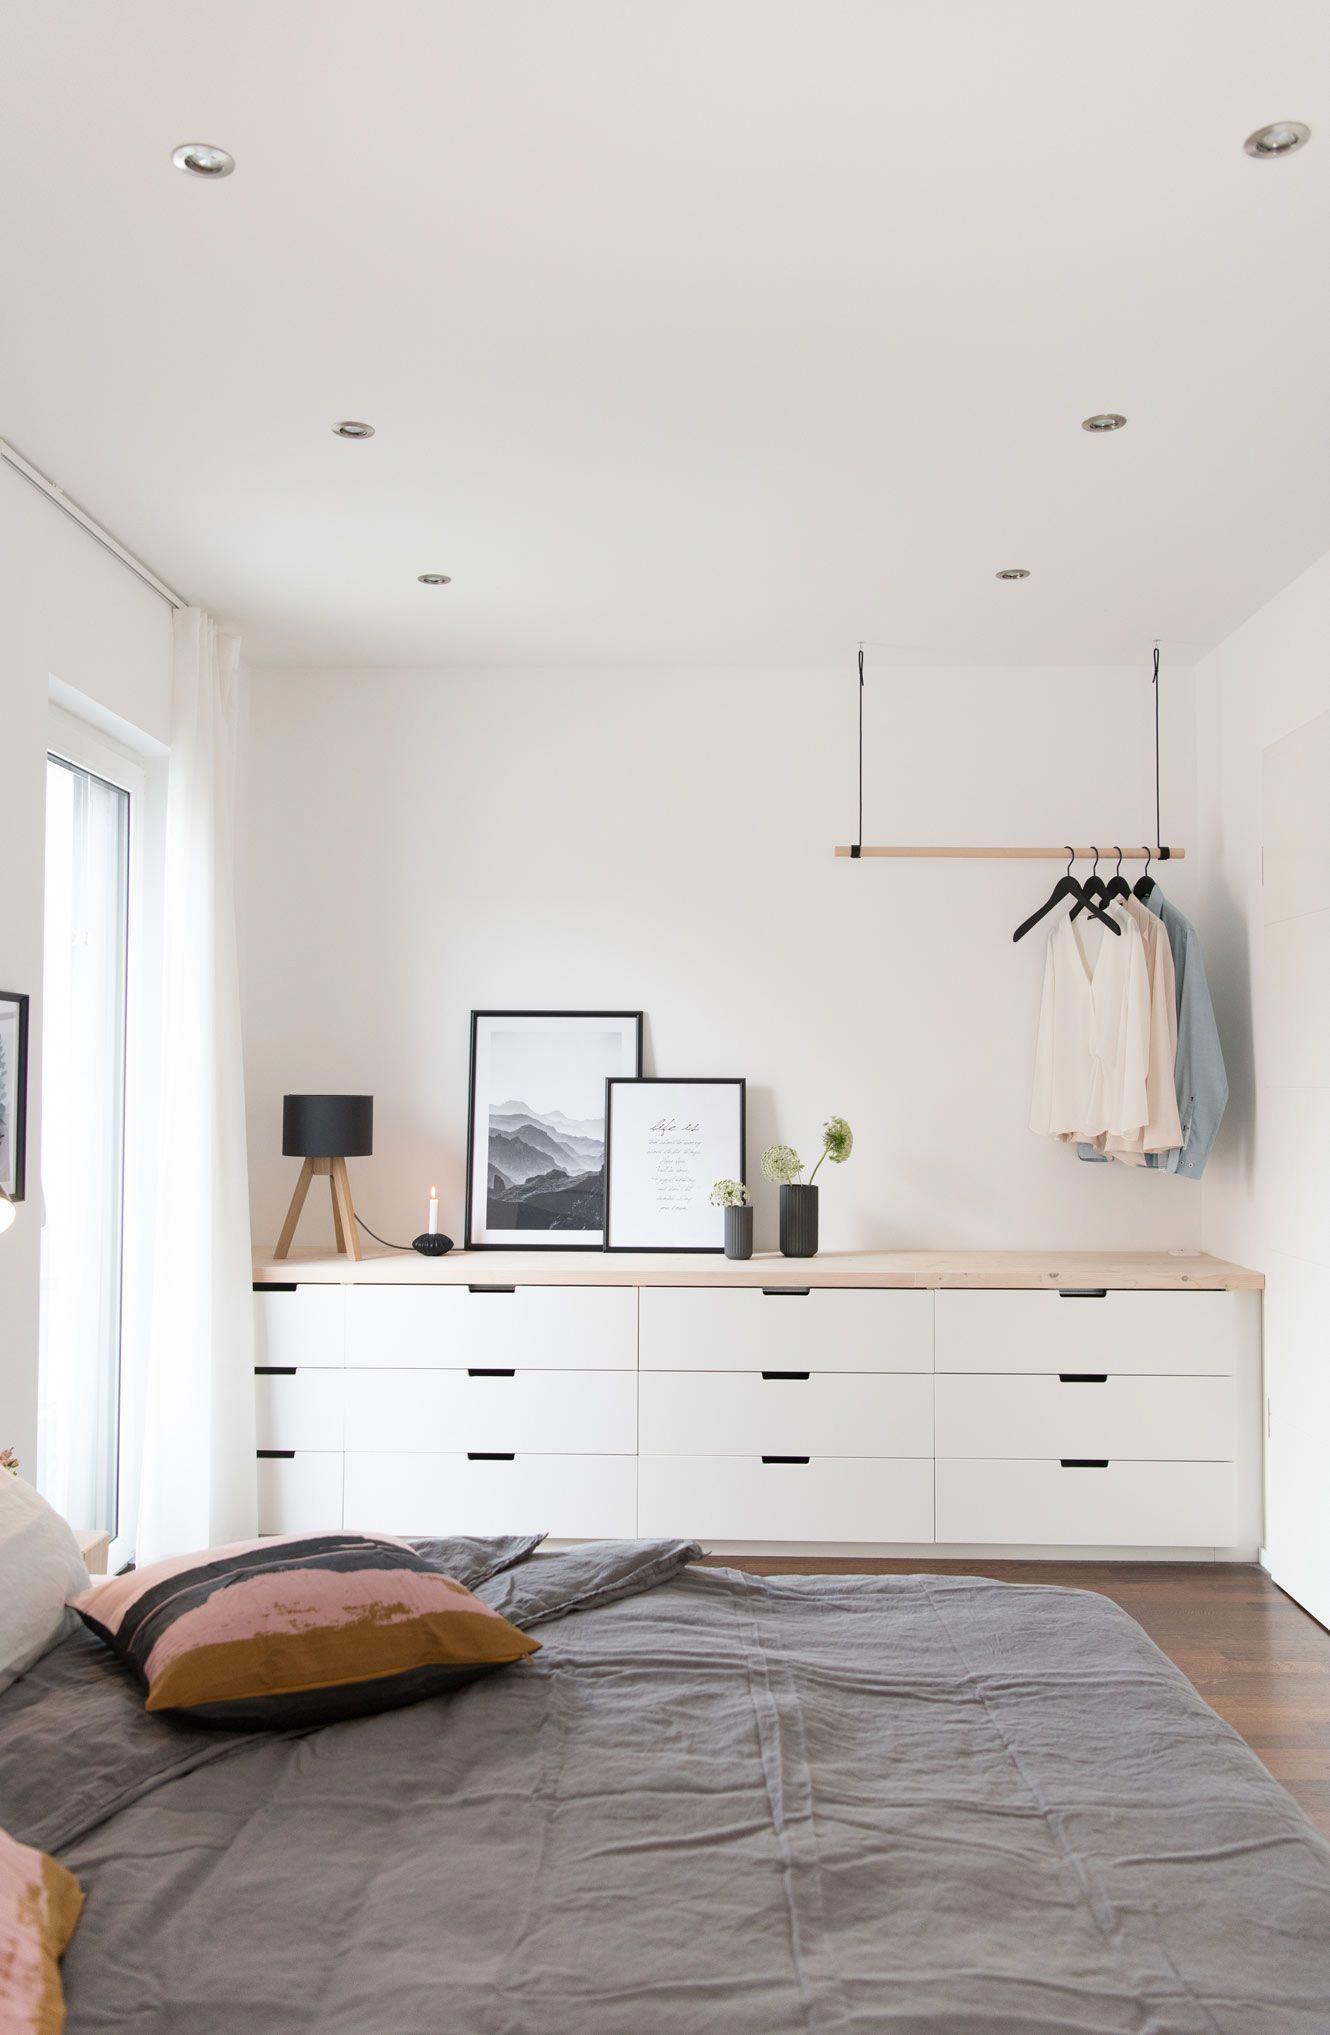 Ikea Nordli Kommode Fur Das Schlafzimmer Mit Neuer Arbeitsplatte In Birke Lasiert Und Blenden Um Die Nordli Kommoden Dazu Ikea Bedroom Bedroom Diy Home Decor